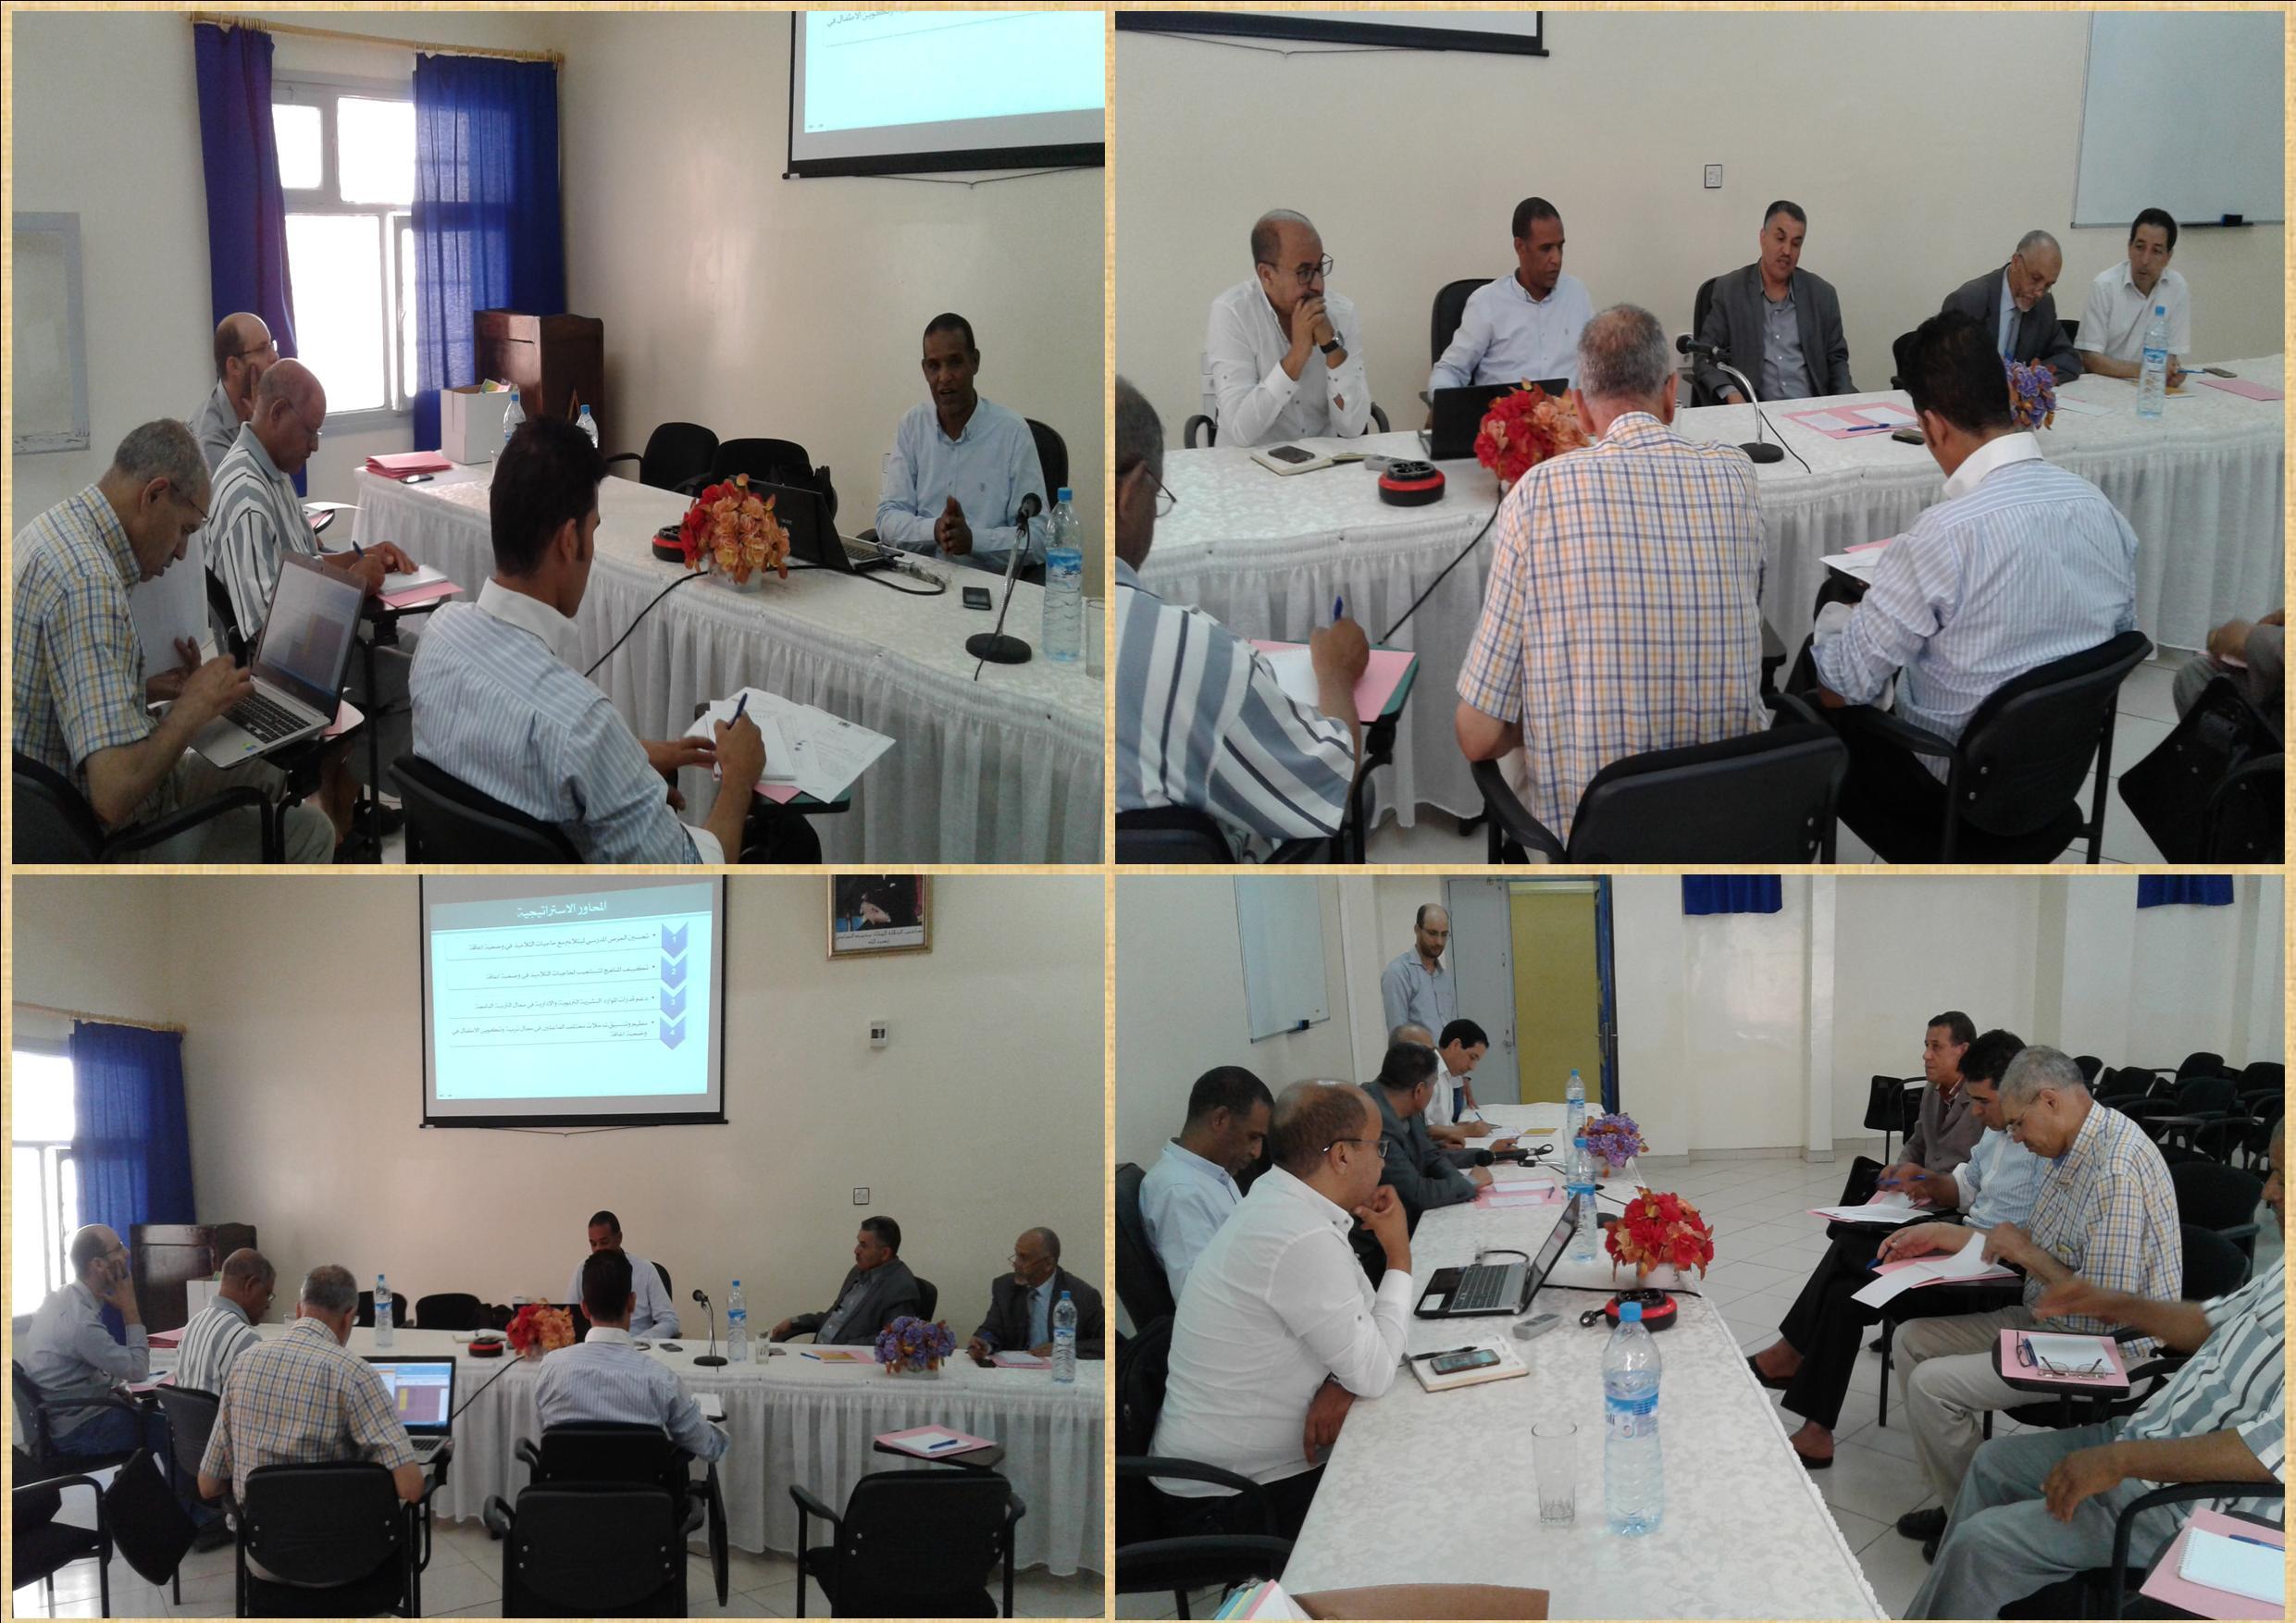 لقاء تواصلي بمديرية تيزنيت لإعداد الخطة الإقليمية للمشروع المندمج رقم 3